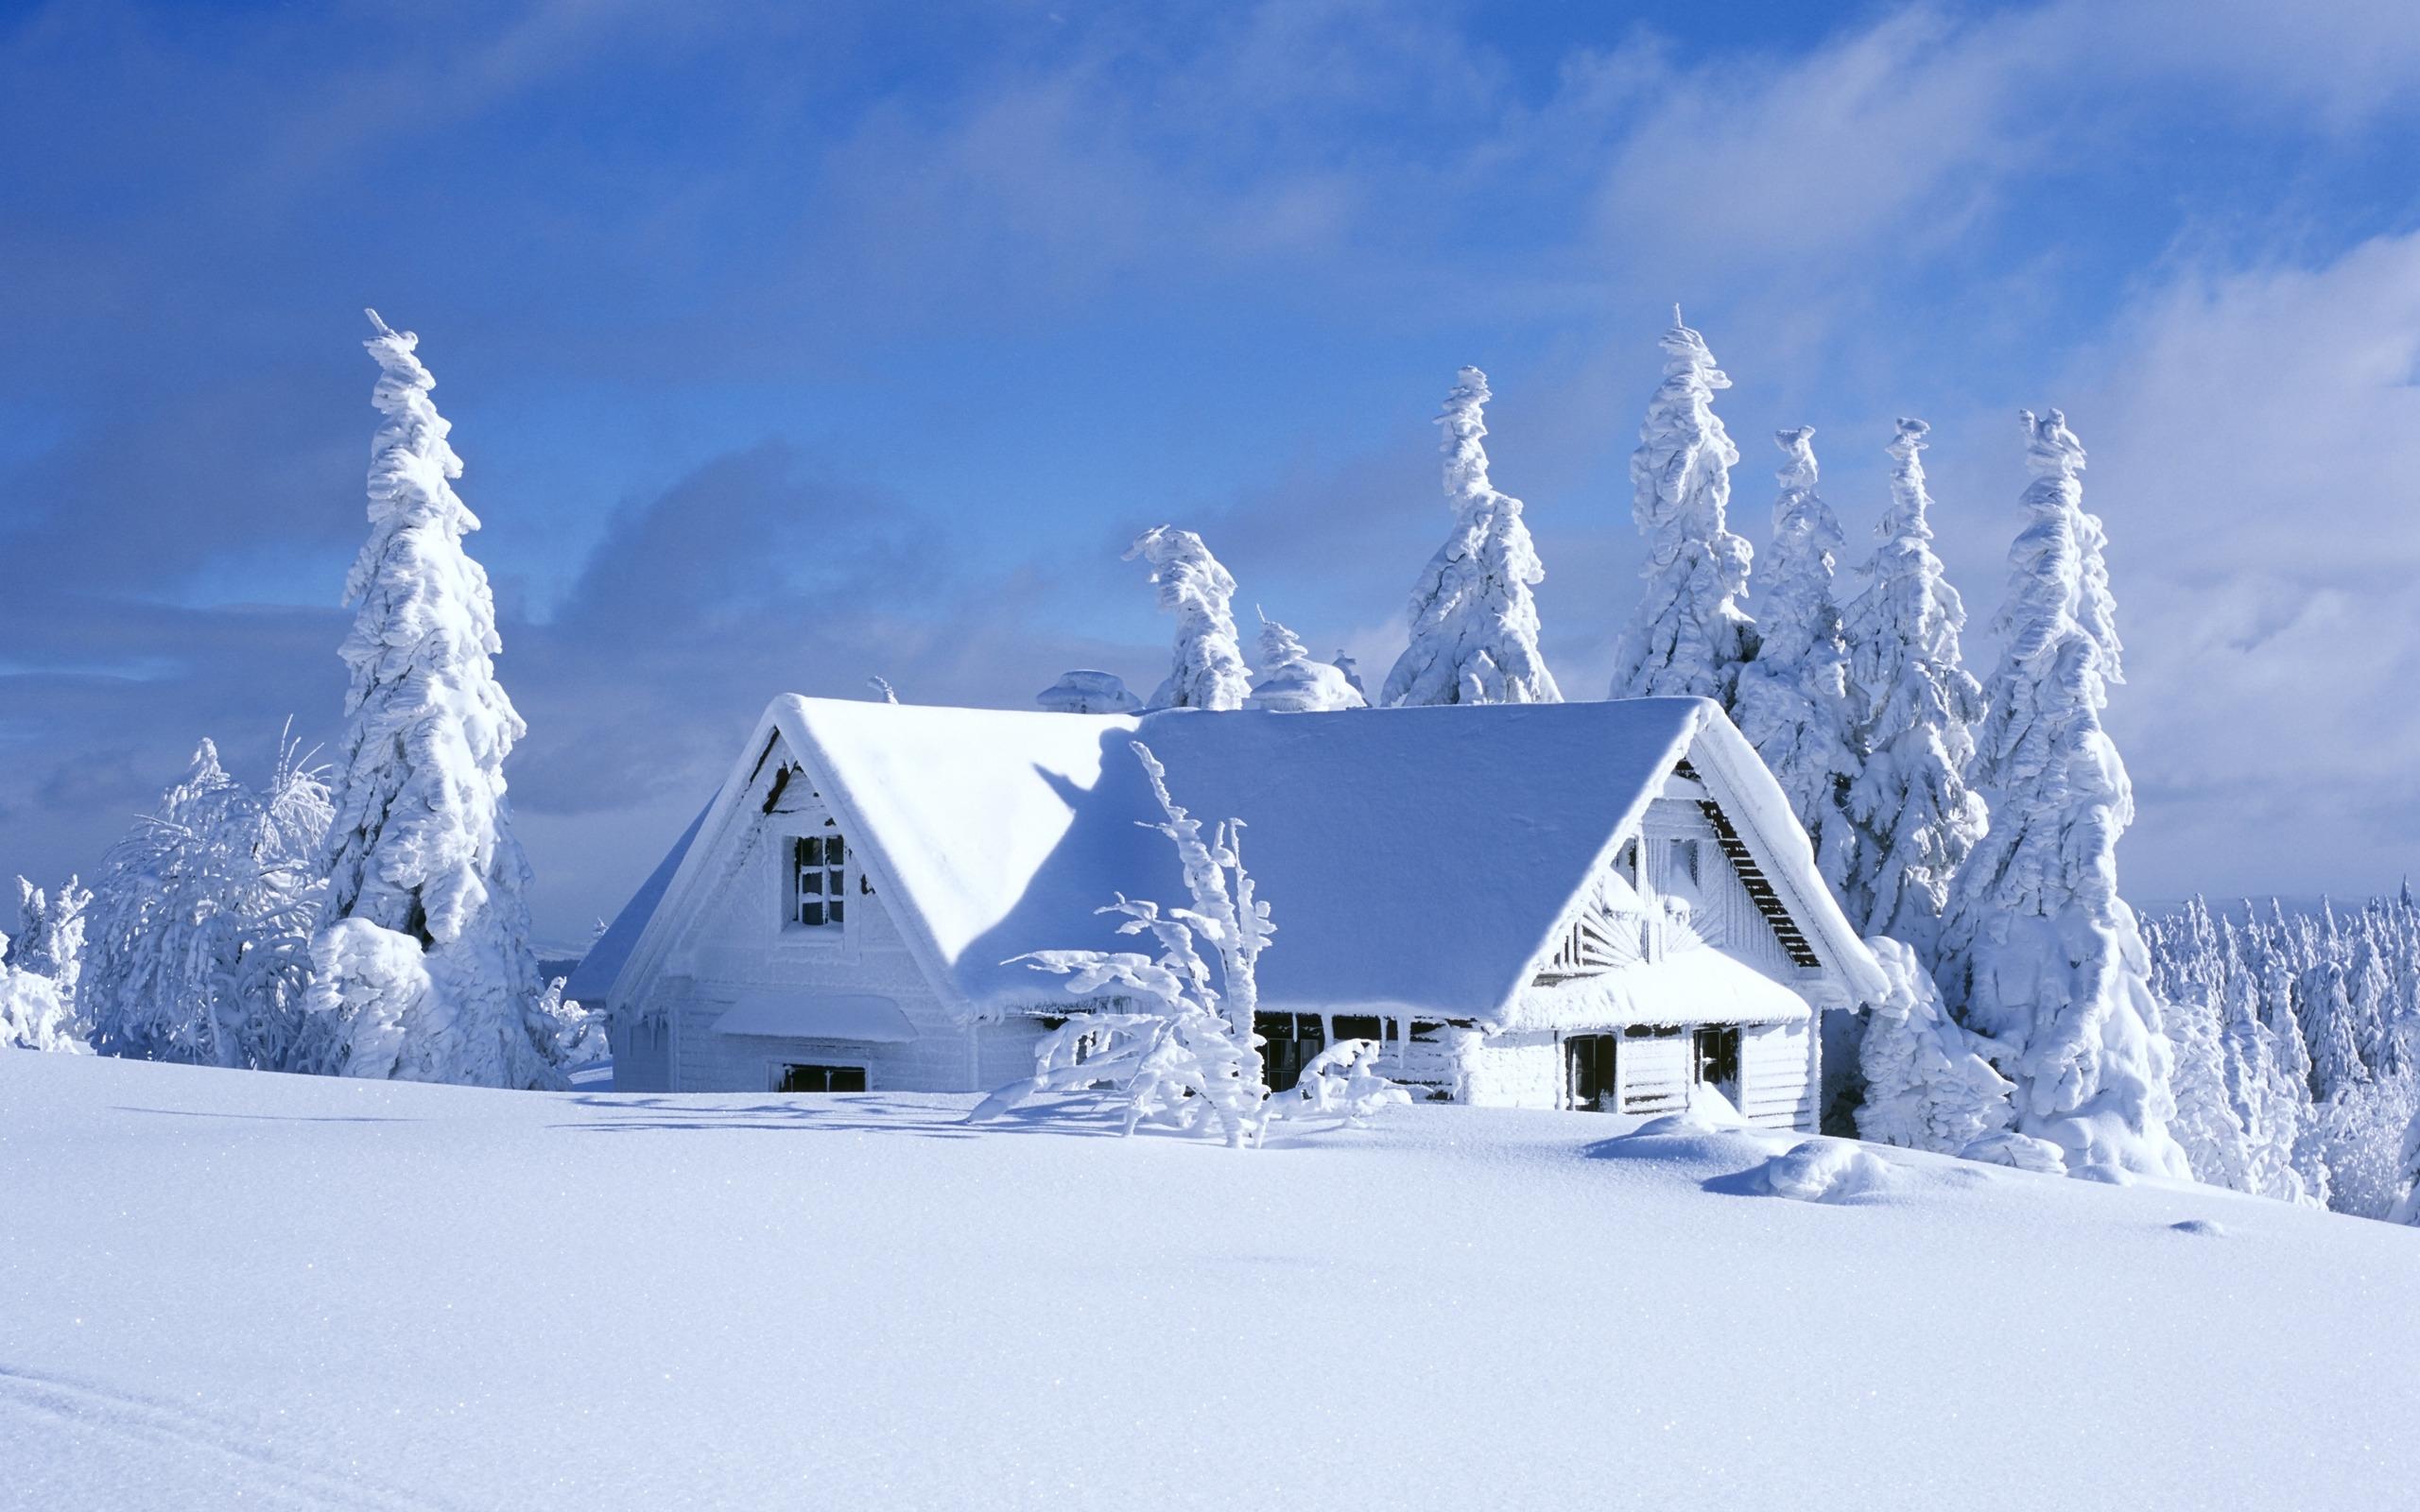 Особенности зимней фотосъемки